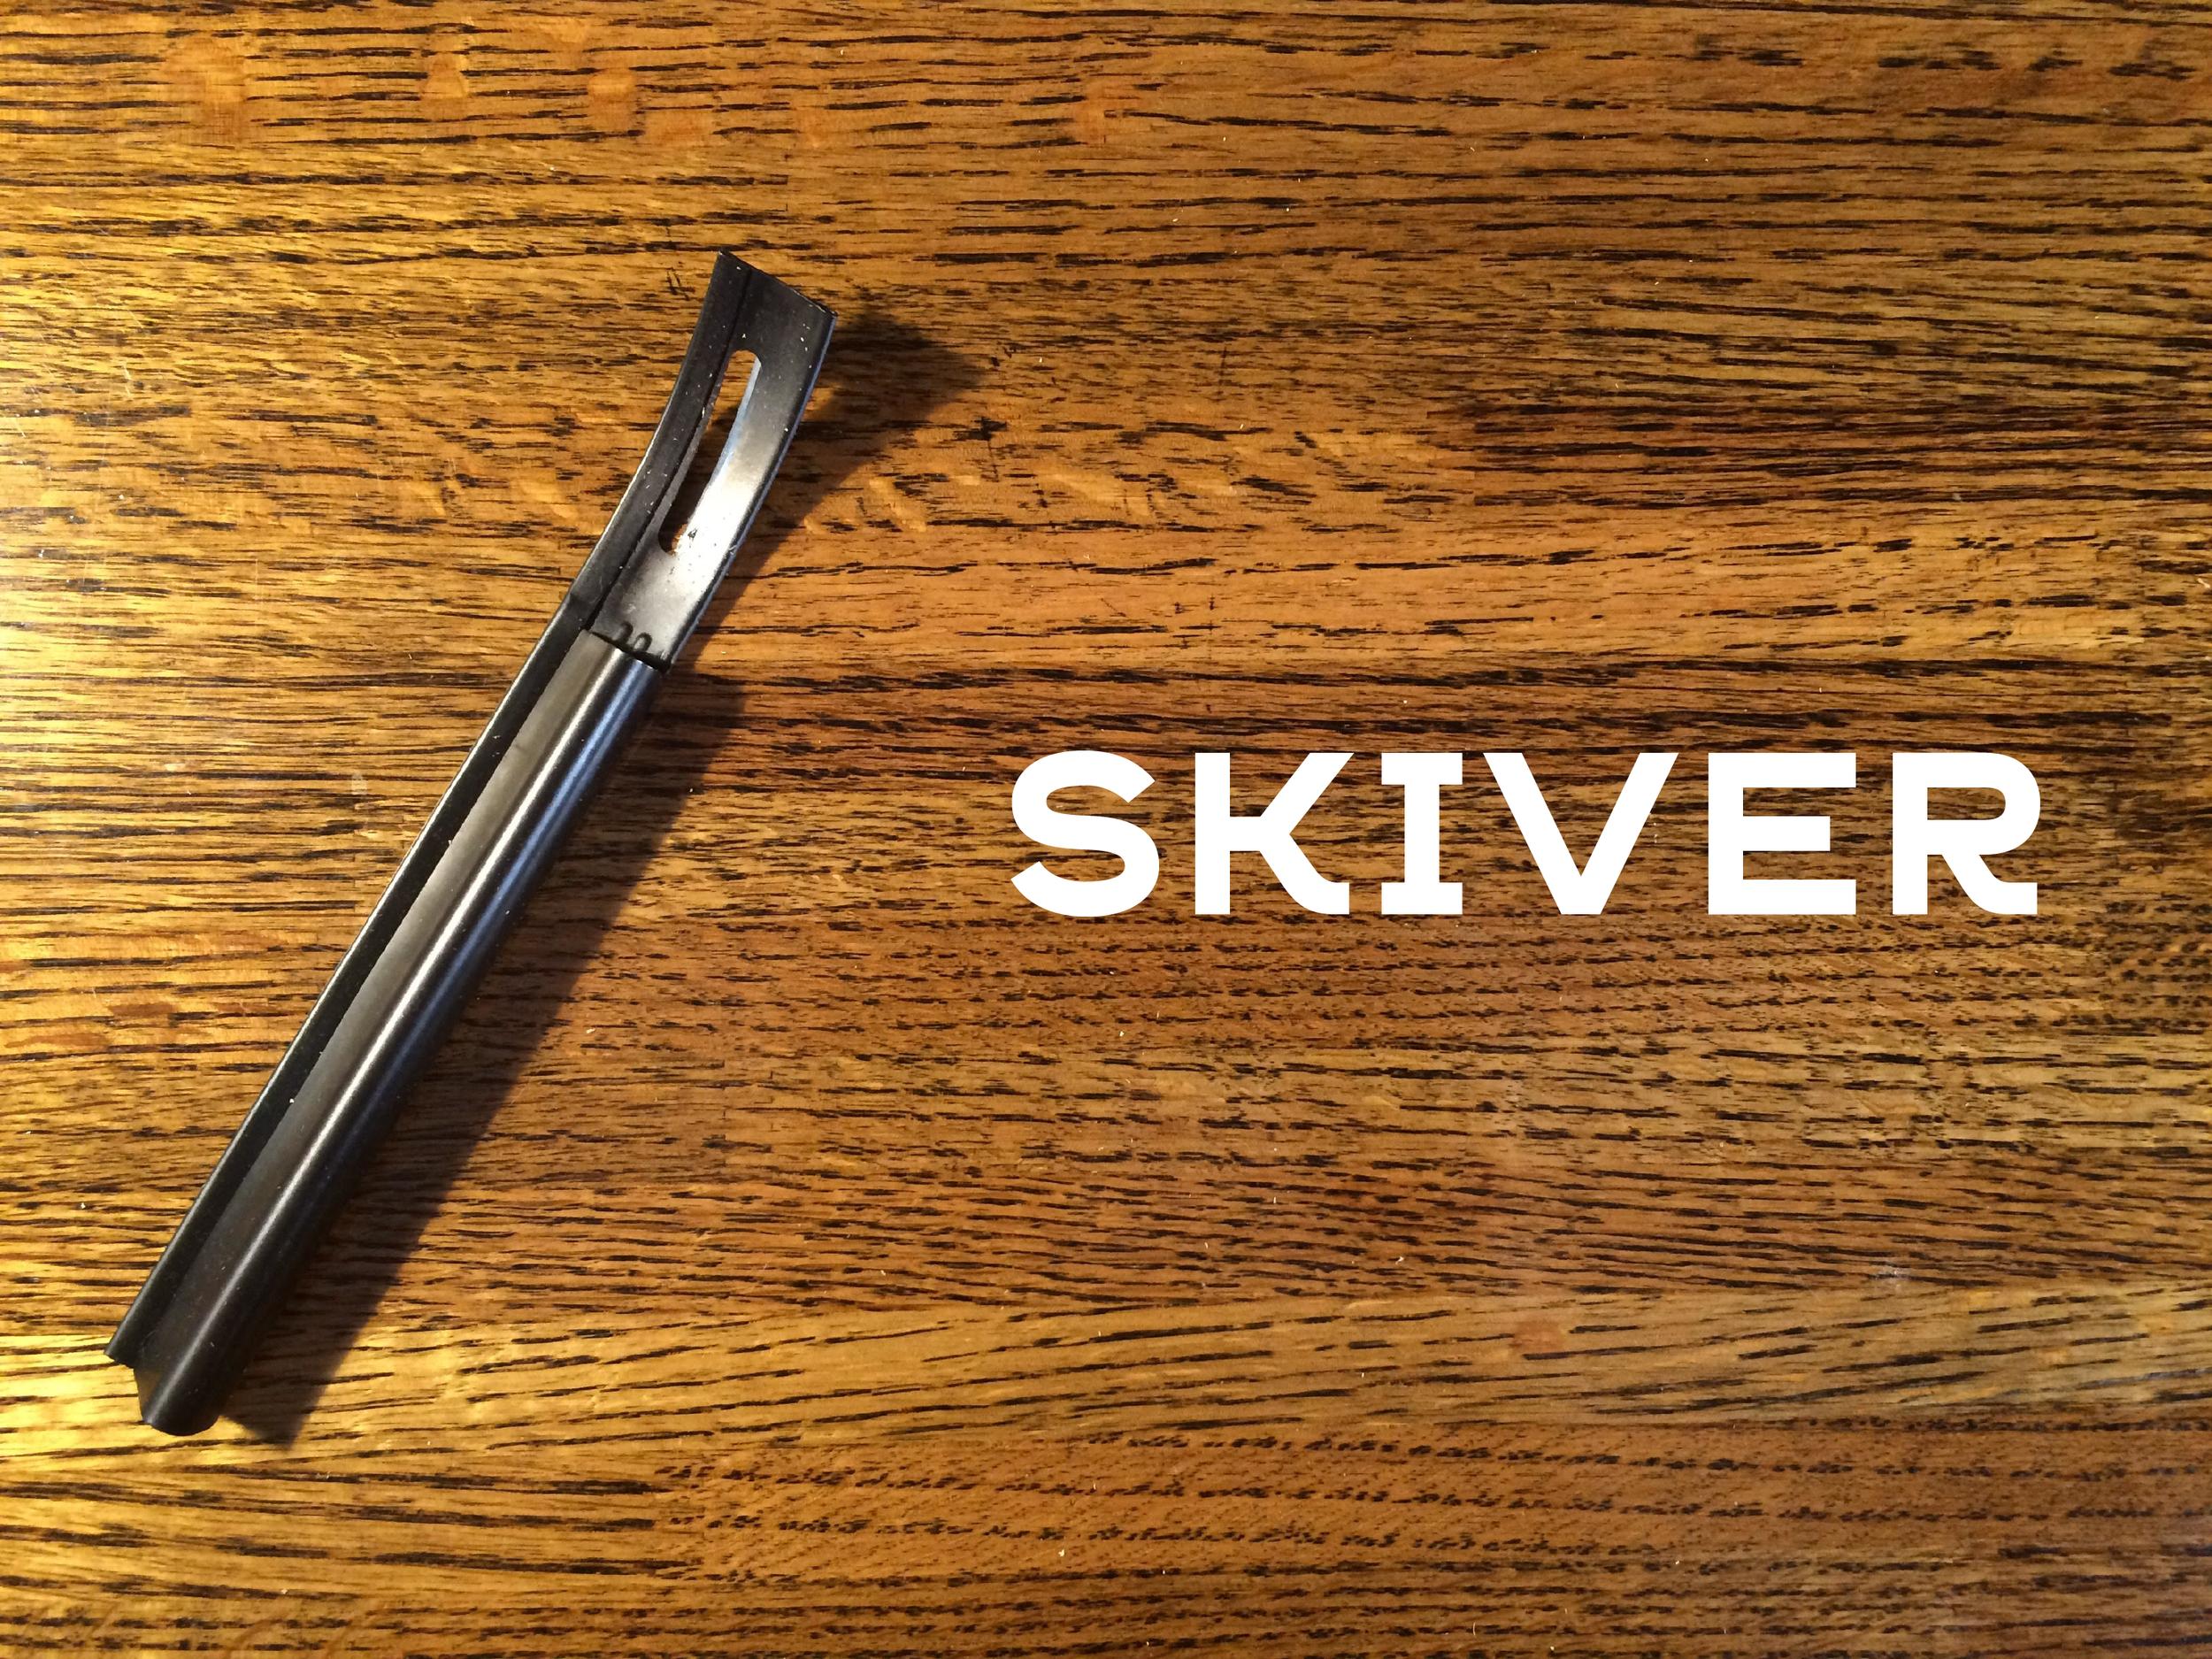 Skiver-01.png